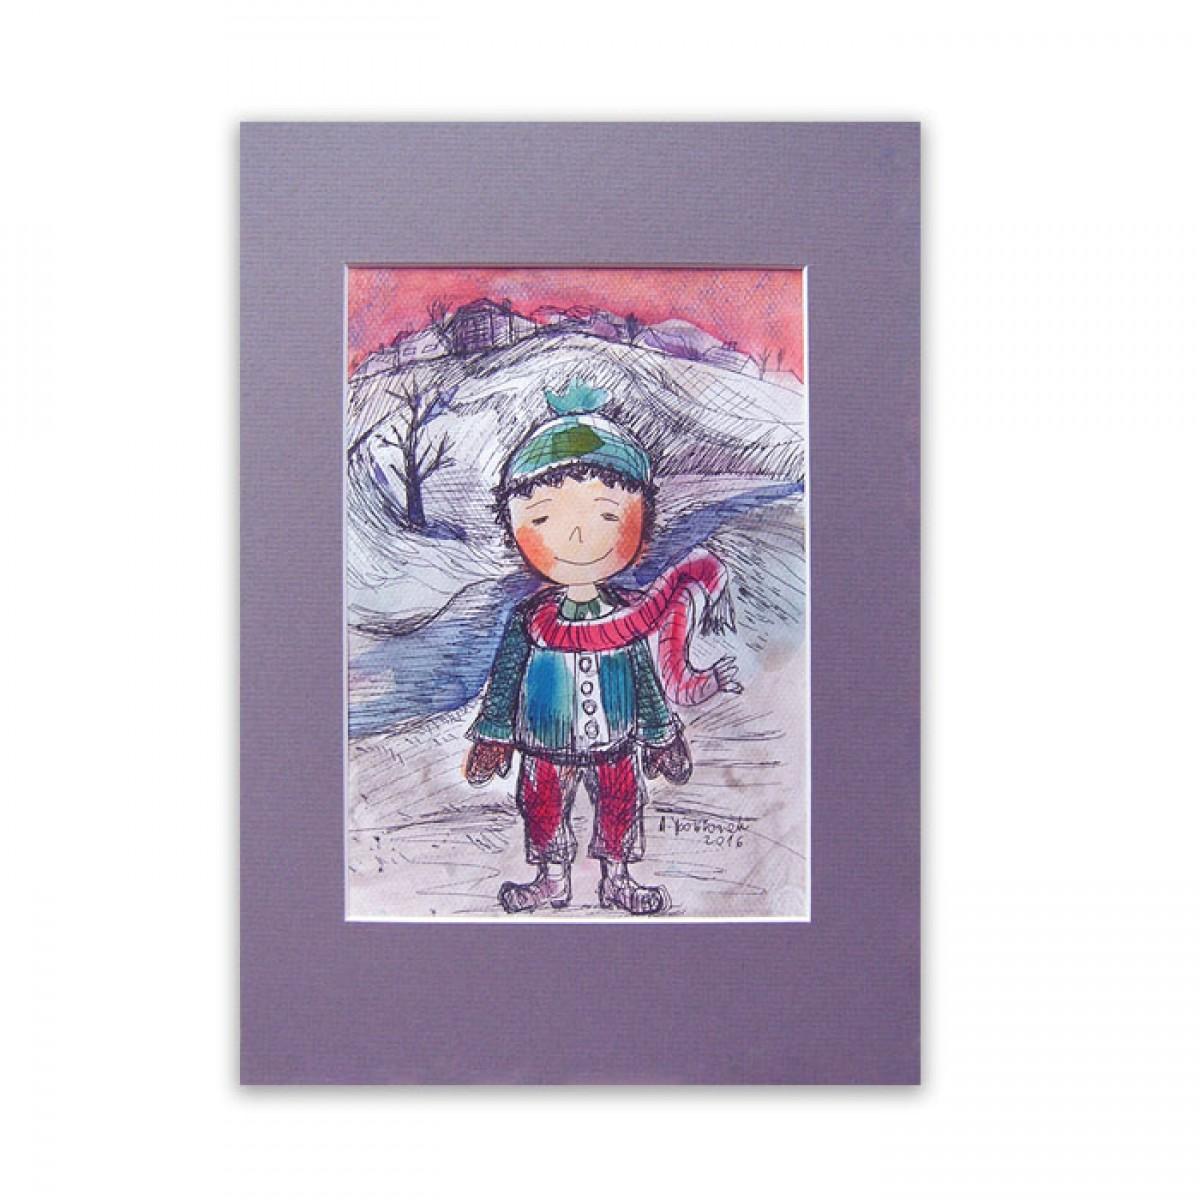 obrazek z małym chłopcem, chłopczyk akwarela, obrazek dla chłopca